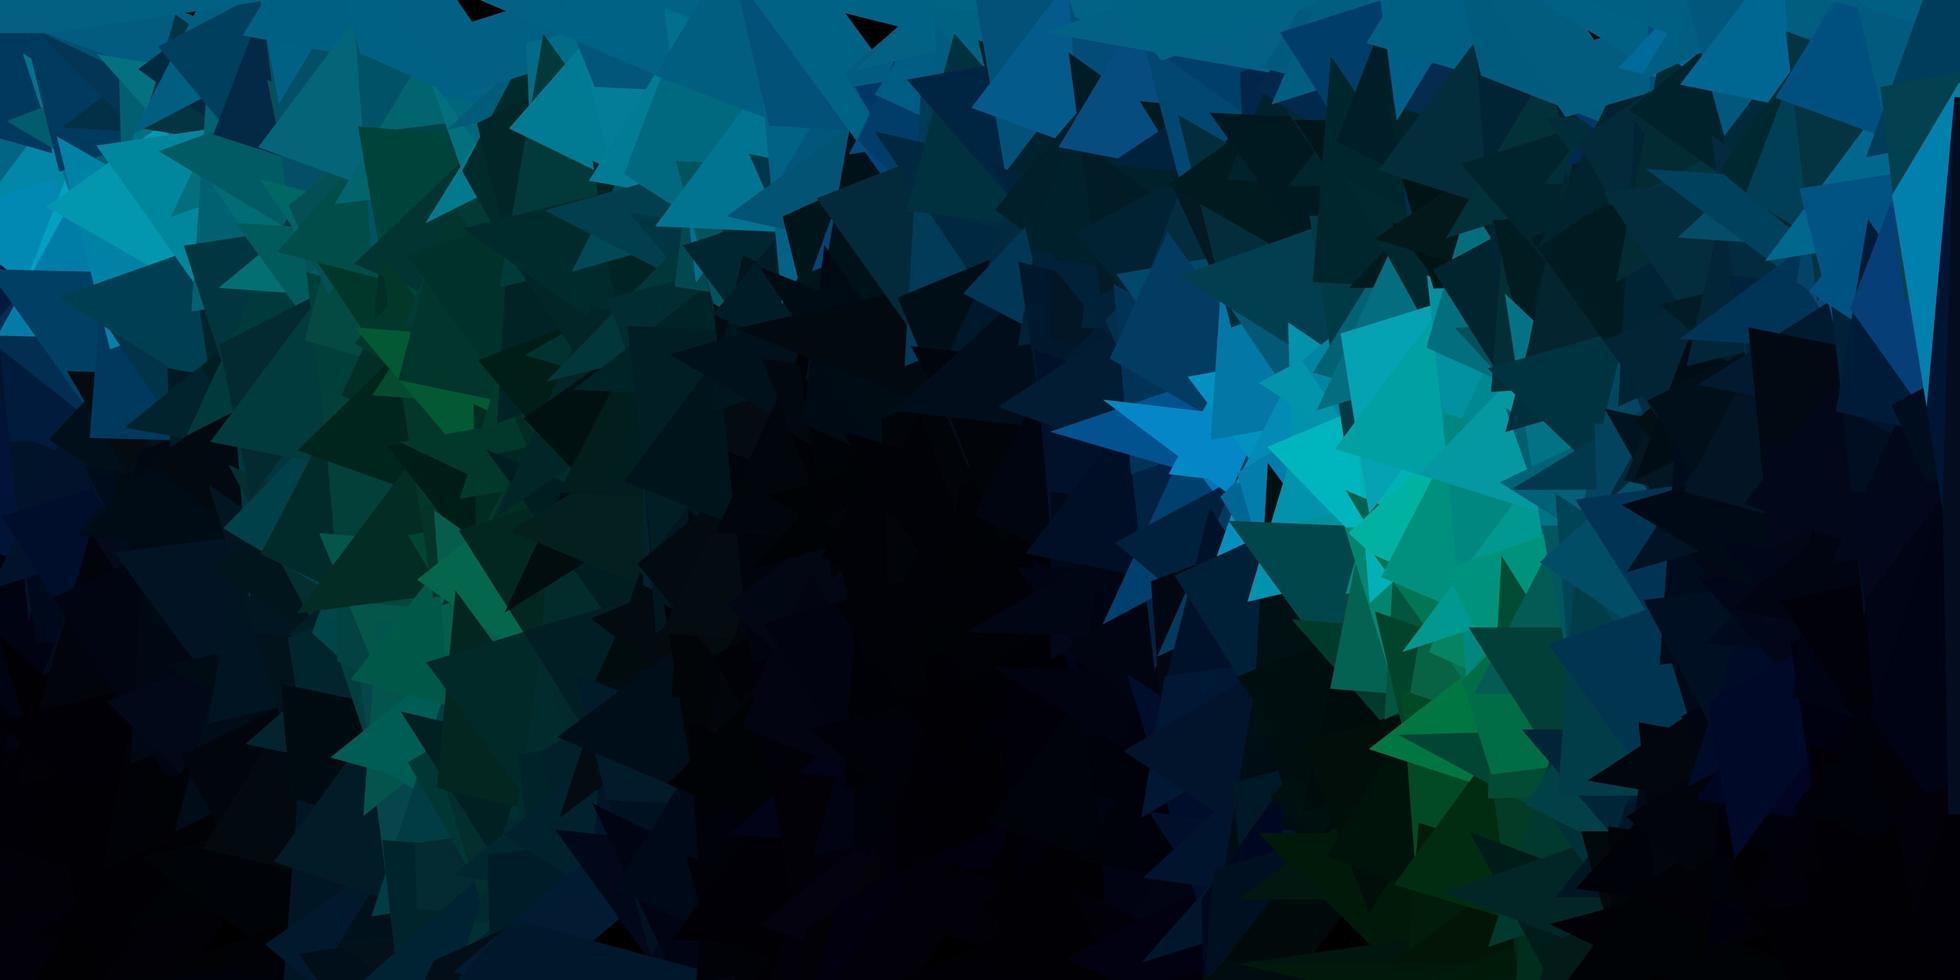 textura de triángulo de poli vector azul oscuro, verde.